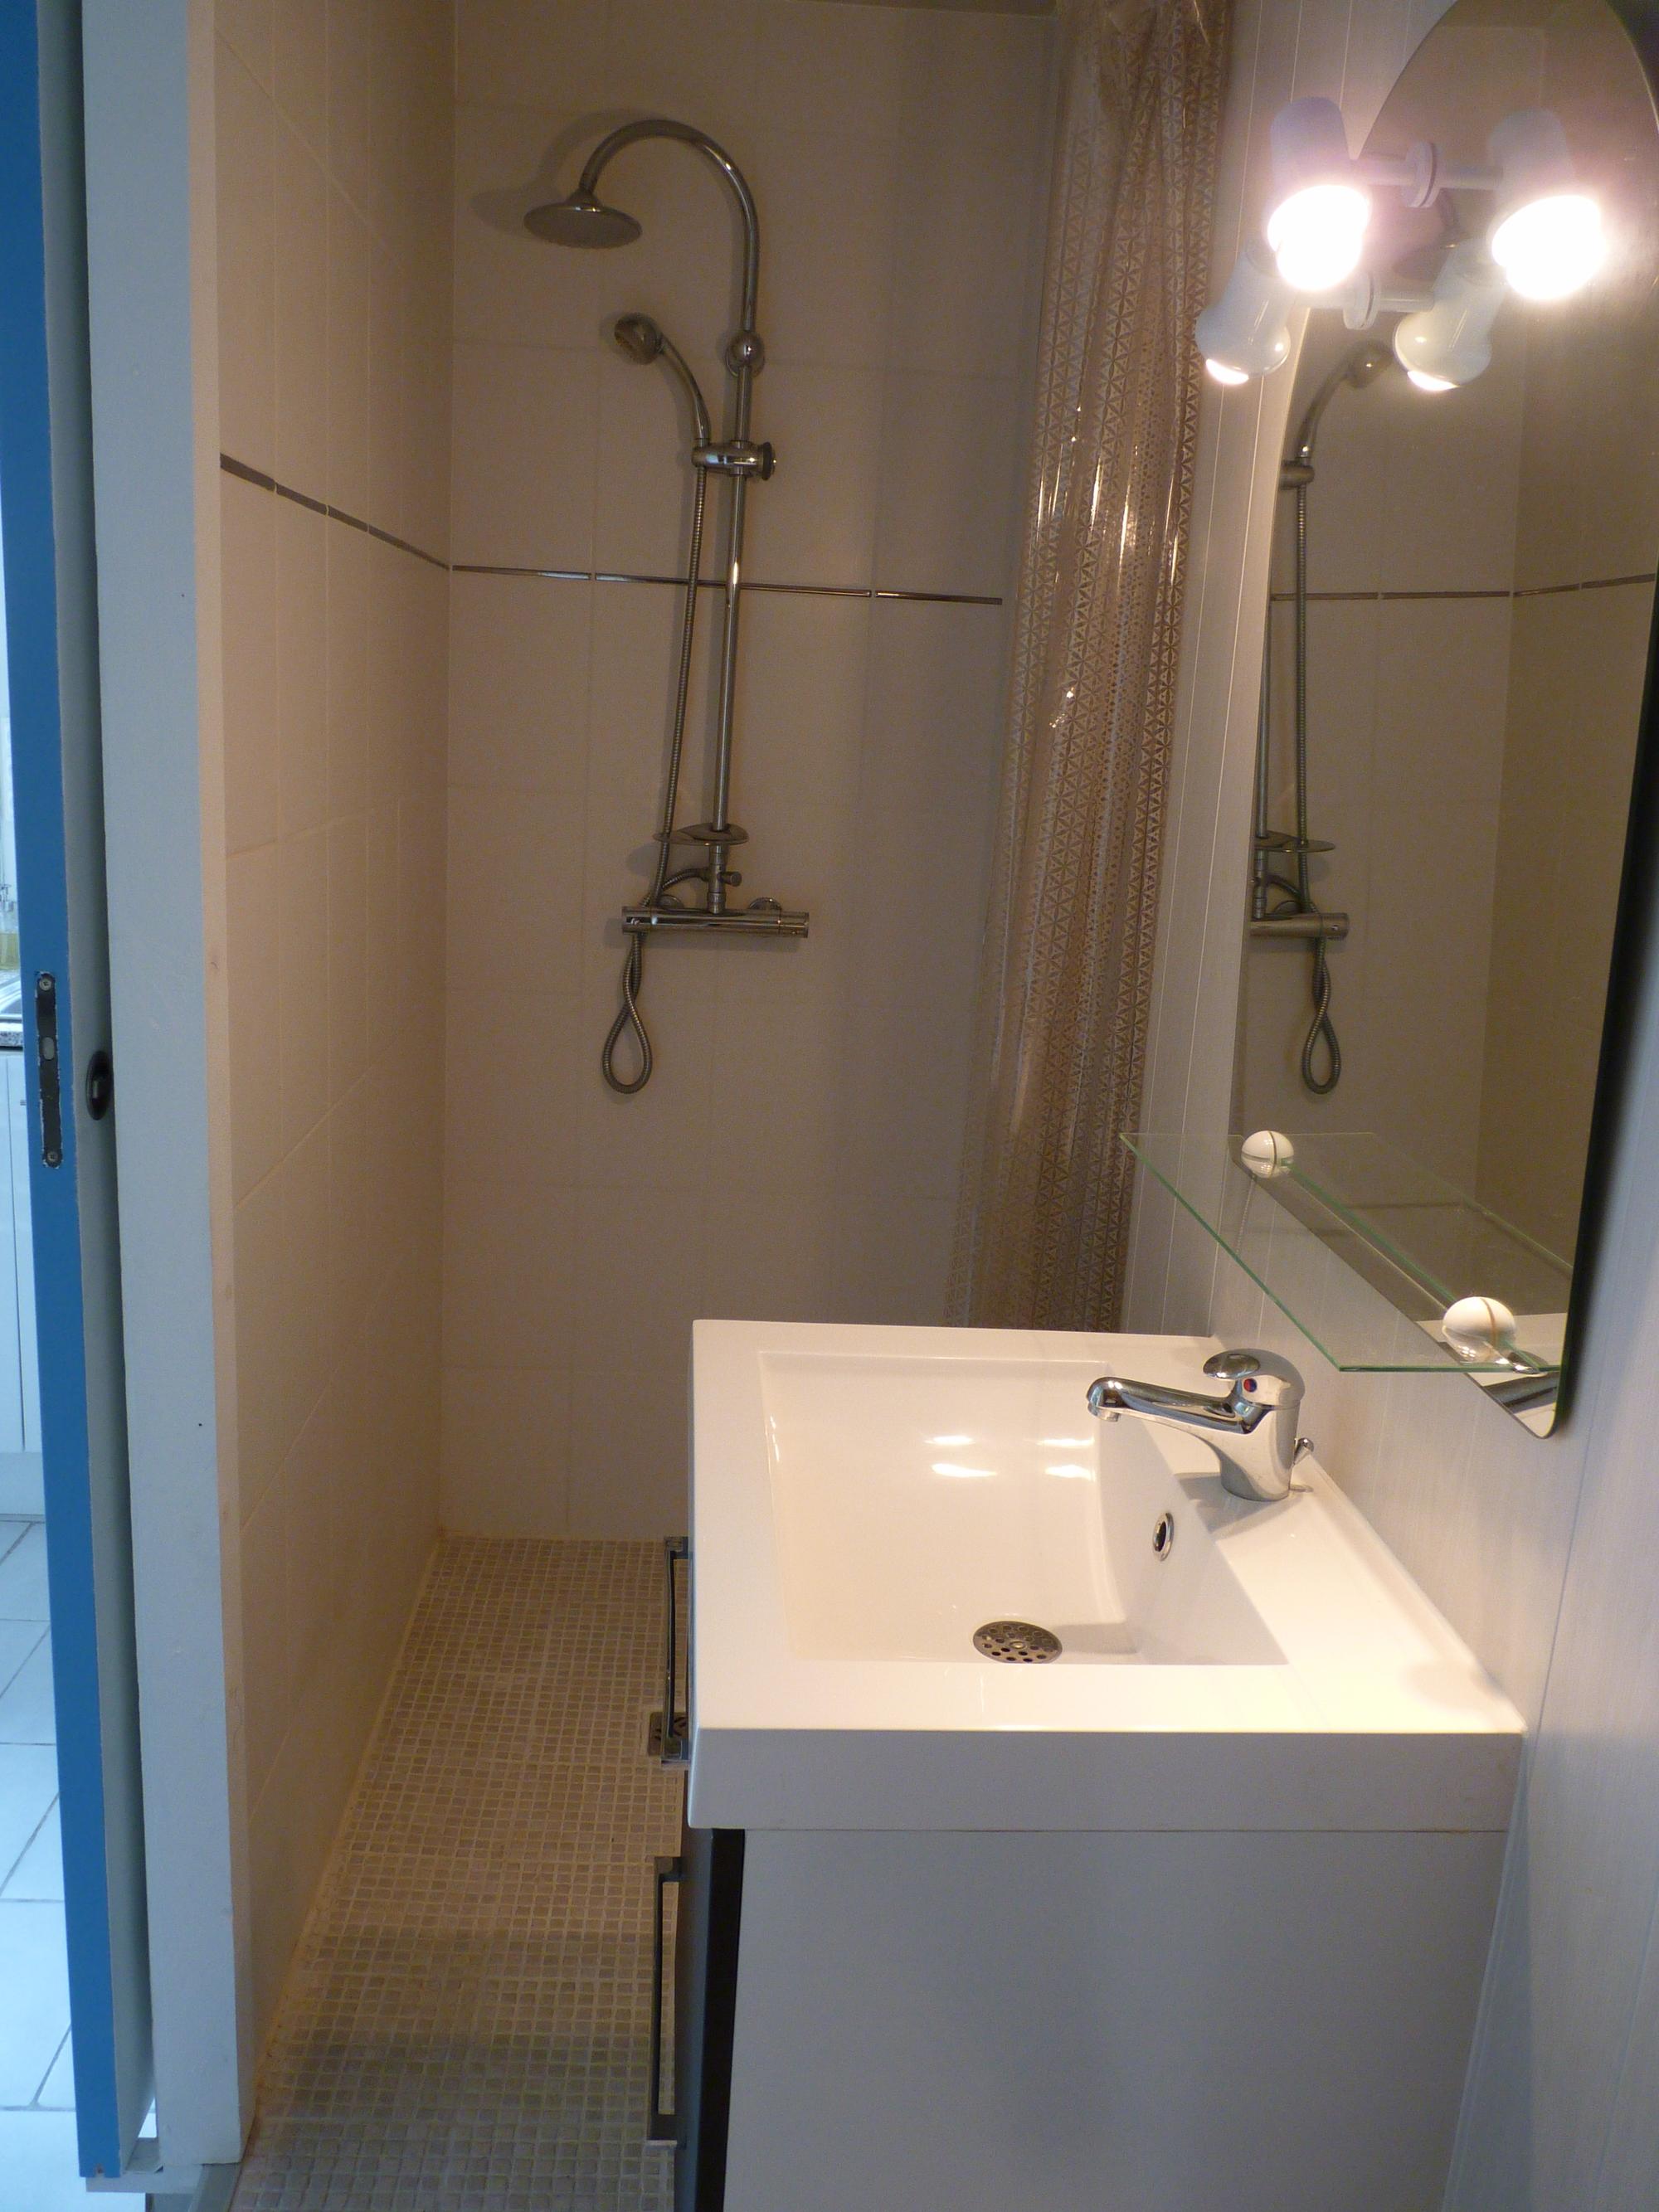 Location Monsieur et Madame PILLON ROMAIN salle d'eau